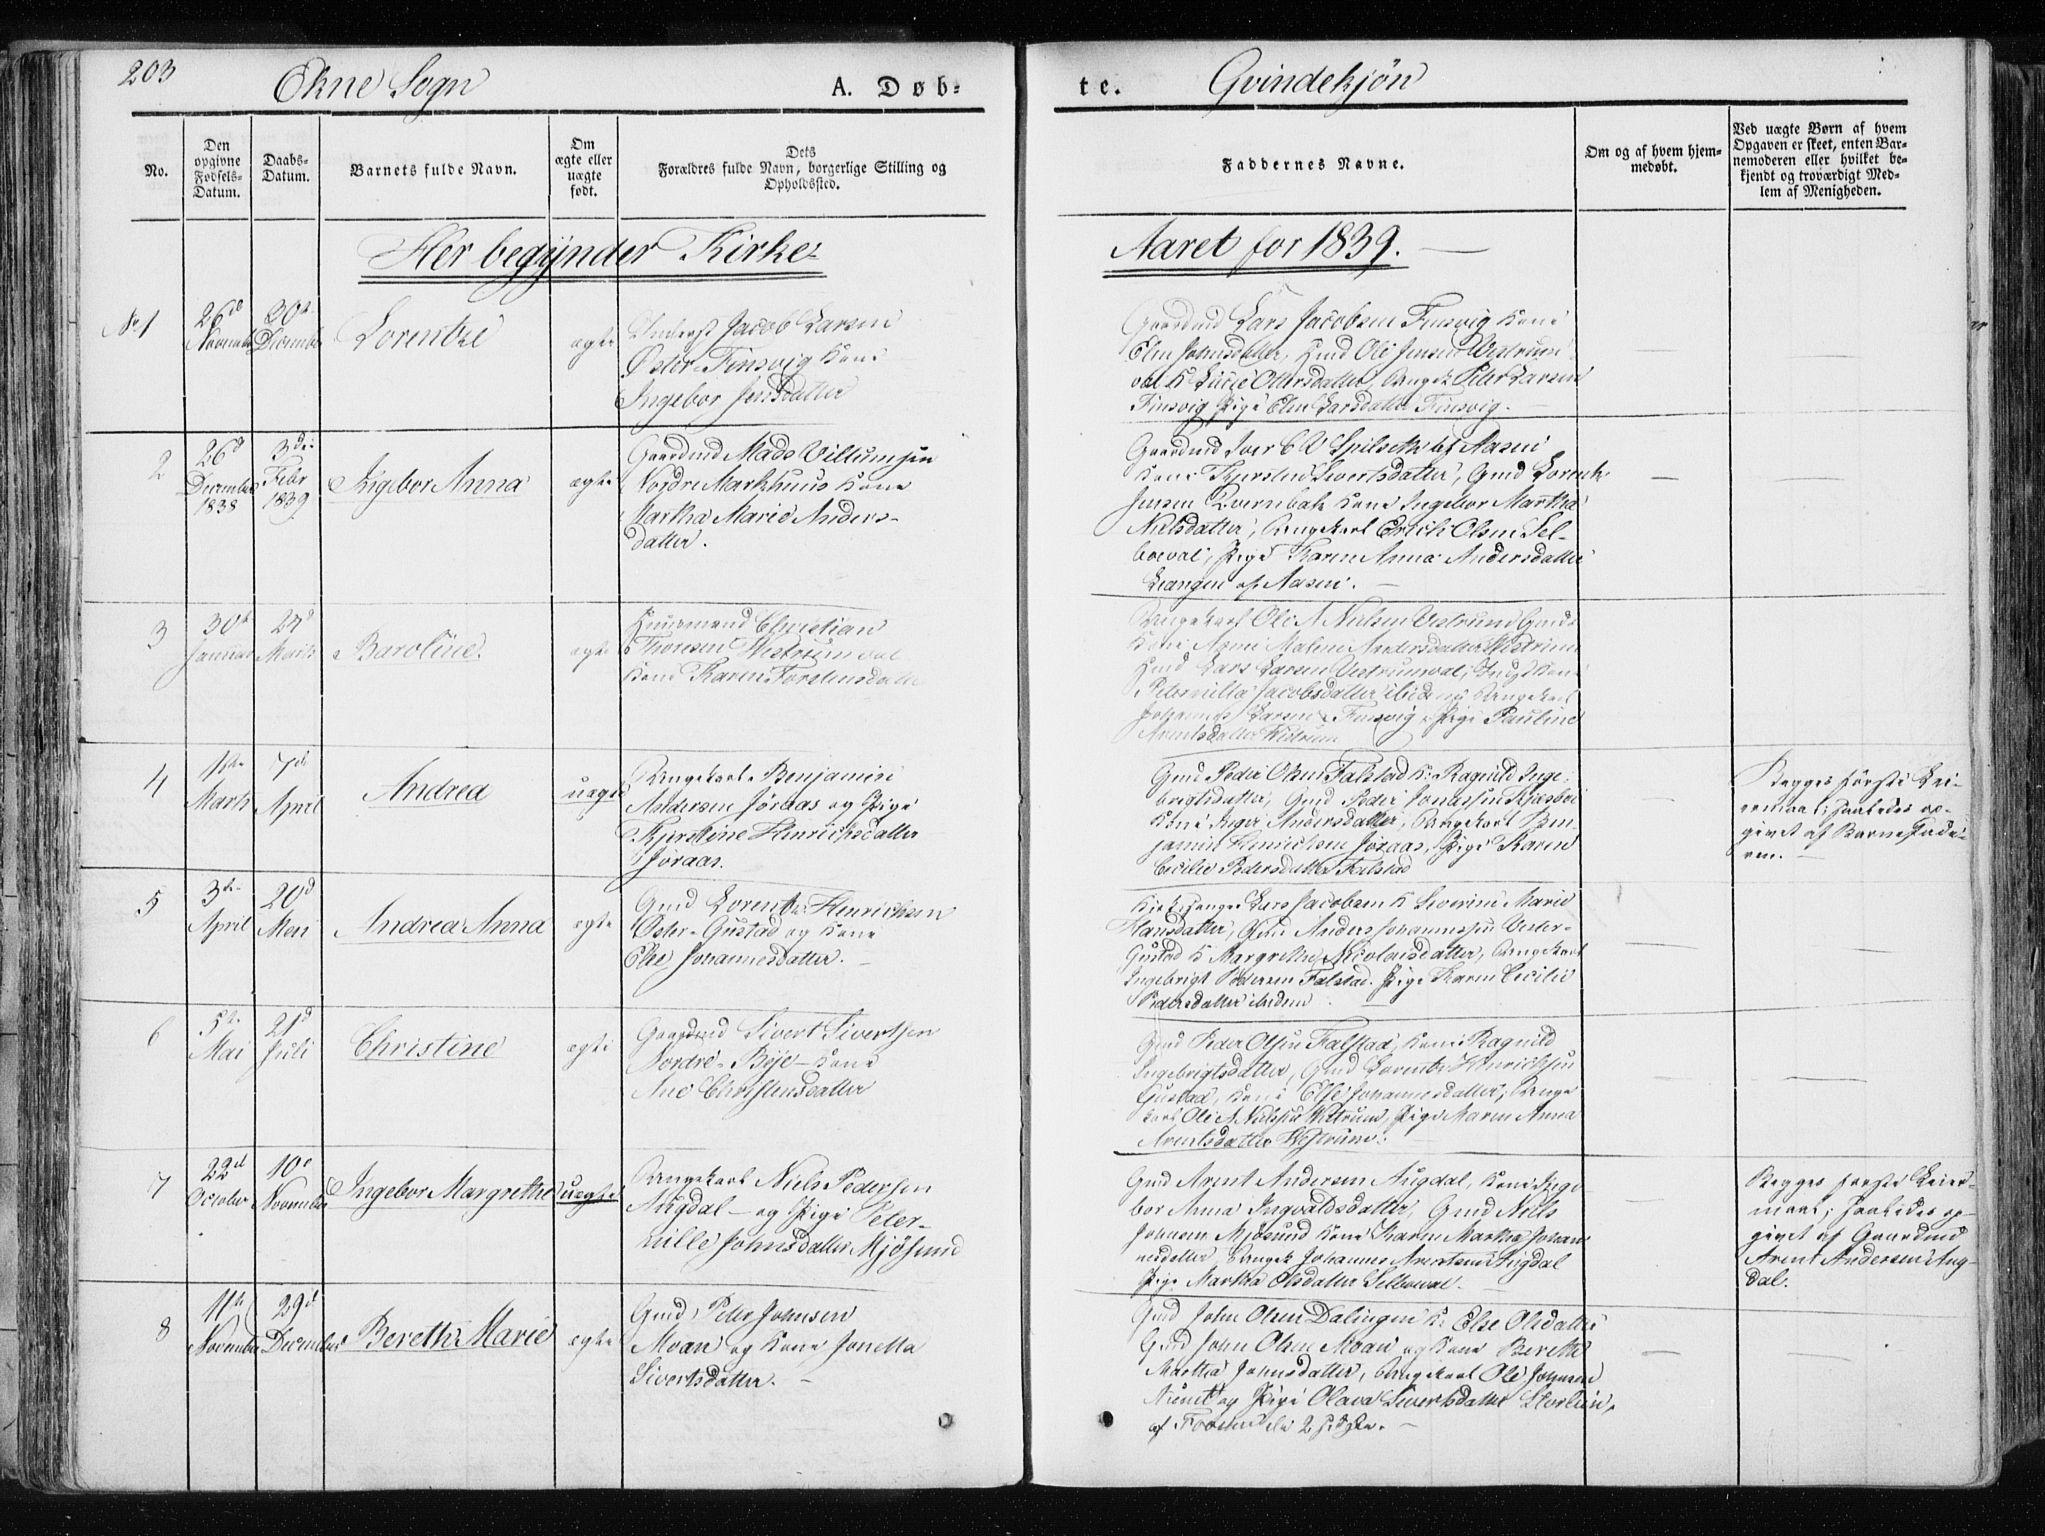 SAT, Ministerialprotokoller, klokkerbøker og fødselsregistre - Nord-Trøndelag, 717/L0154: Ministerialbok nr. 717A06 /2, 1836-1849, s. 203